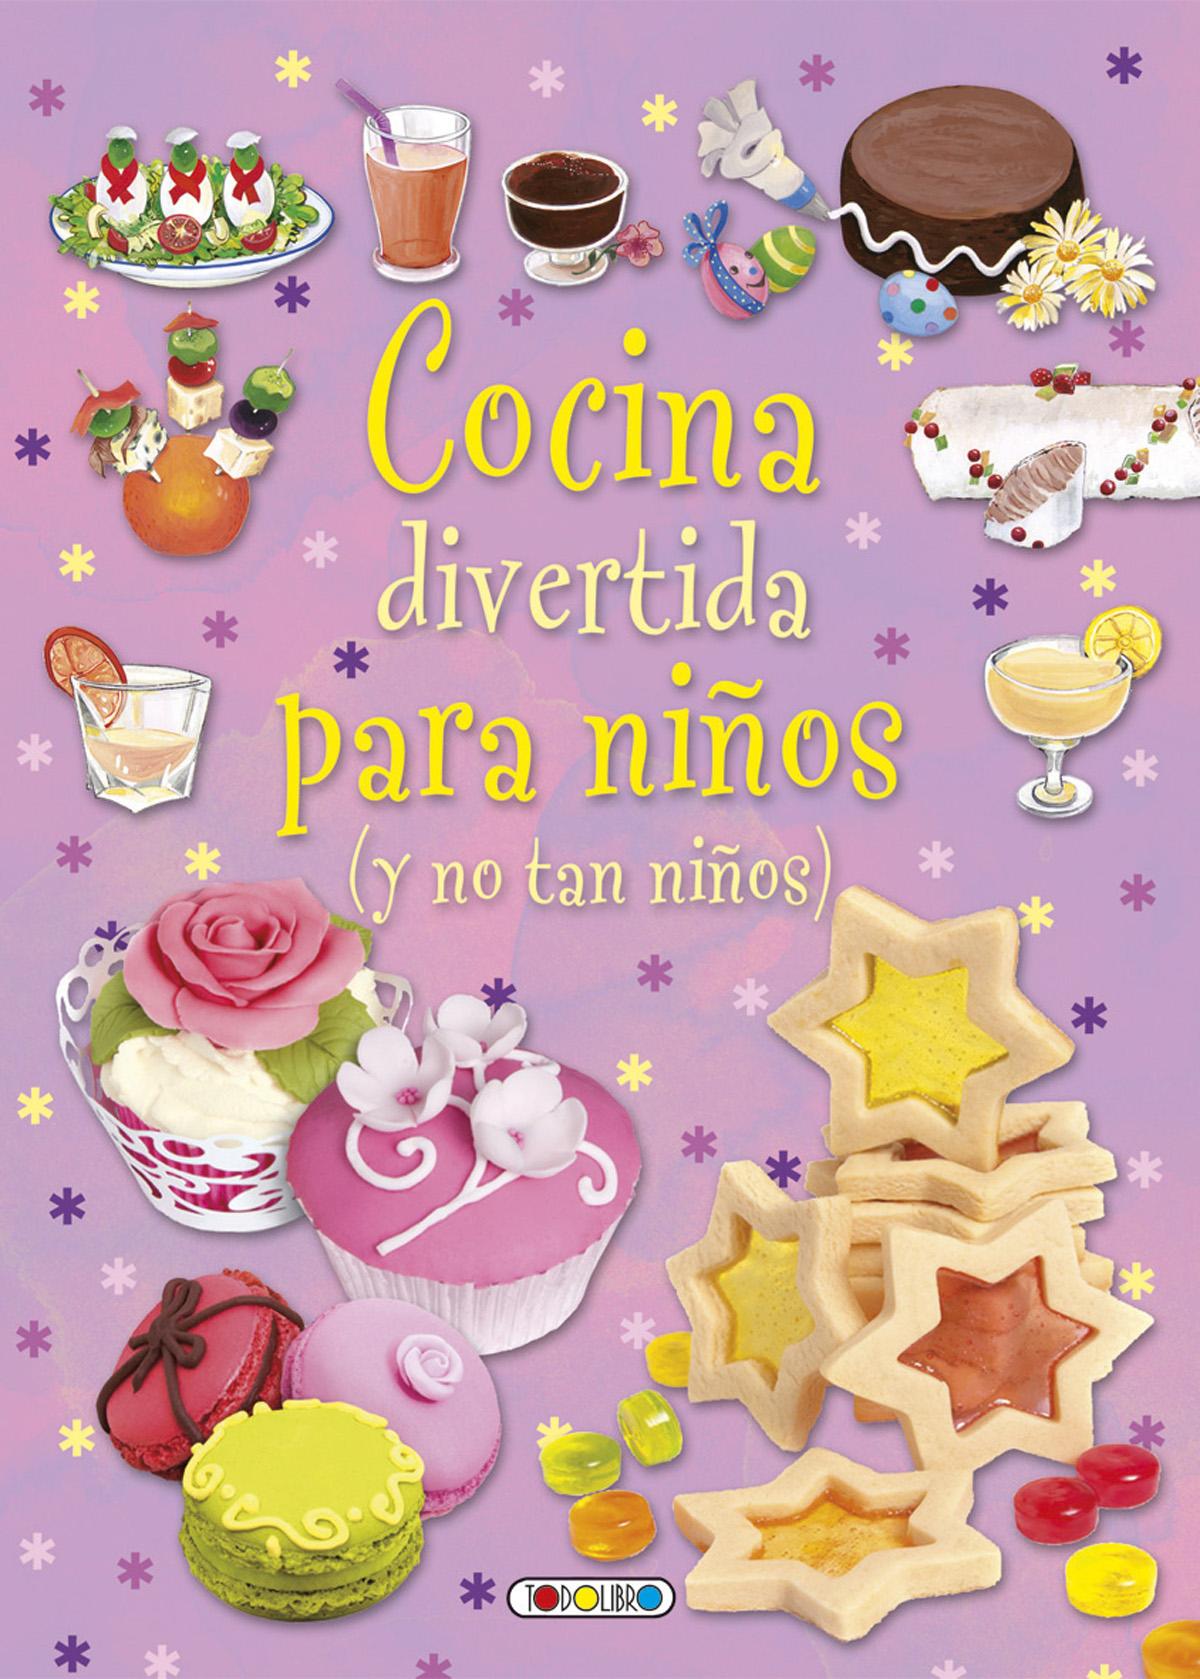 Libro recetas cocina todolibro castellano todo libro for Libro cocina para ninos